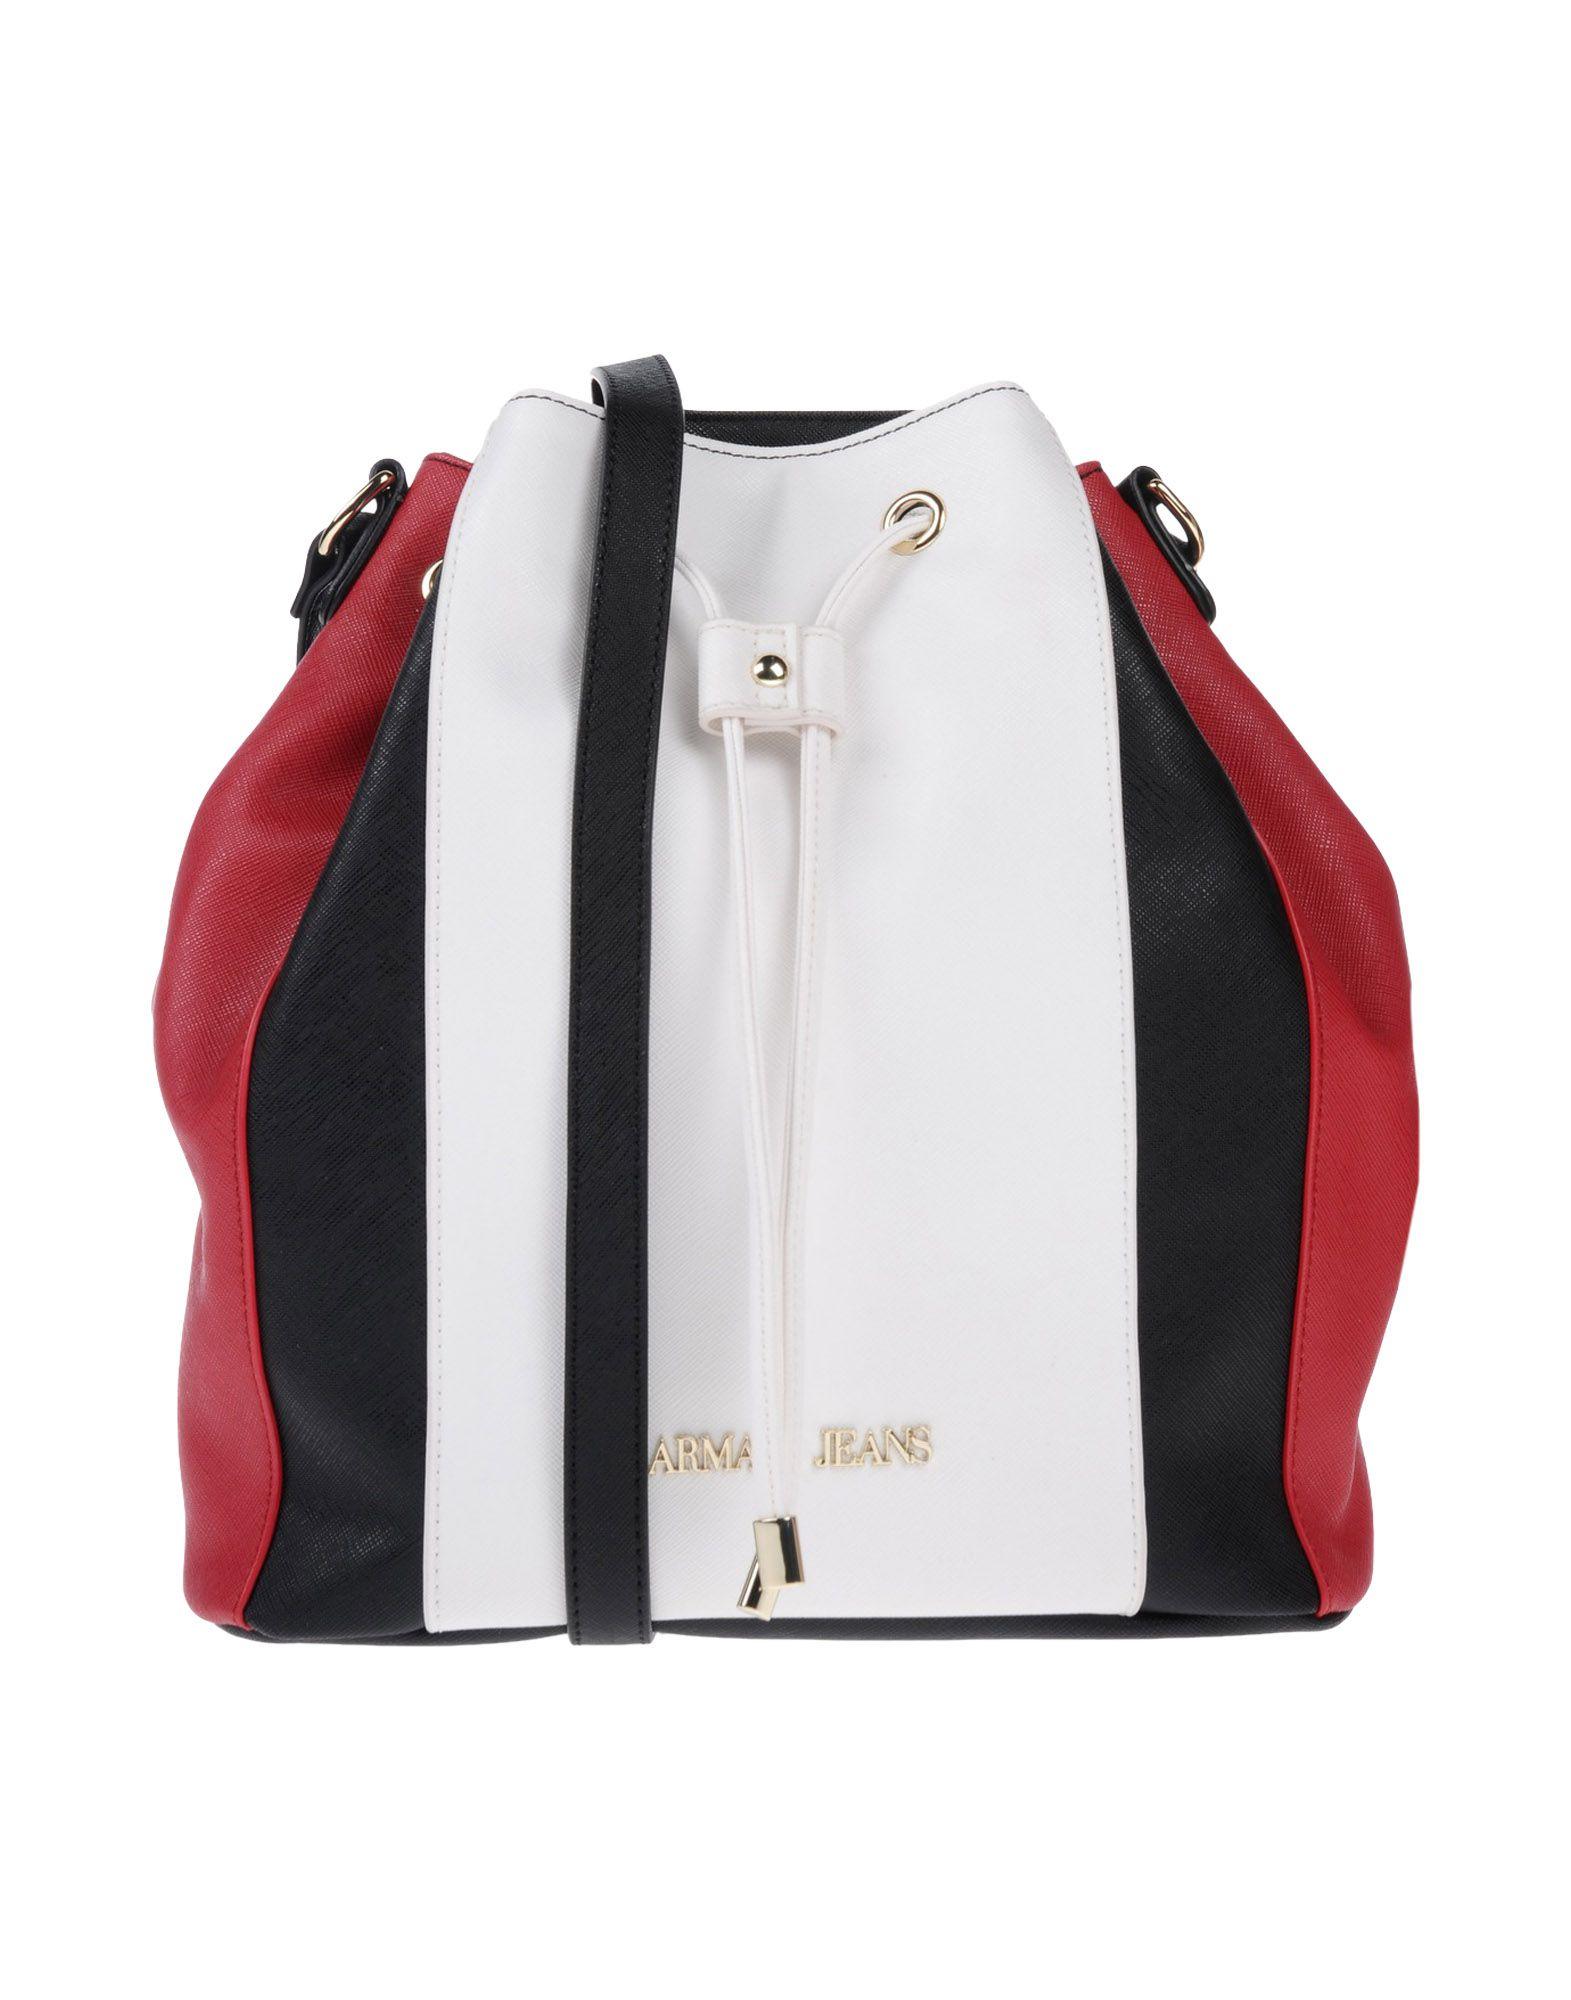 ARMANI JEANS Сумка через плечо сумка armani jeans 922272 7a792 09934